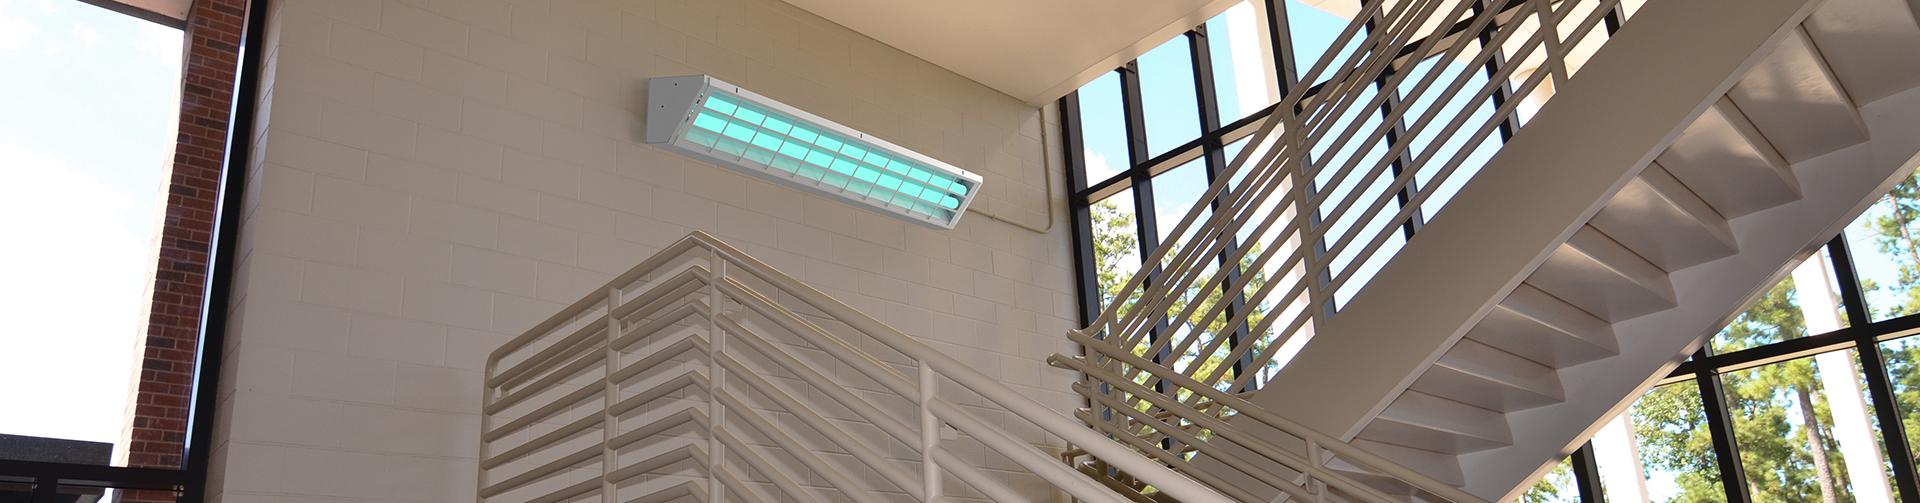 UVC Corner Stairwell Application Banner